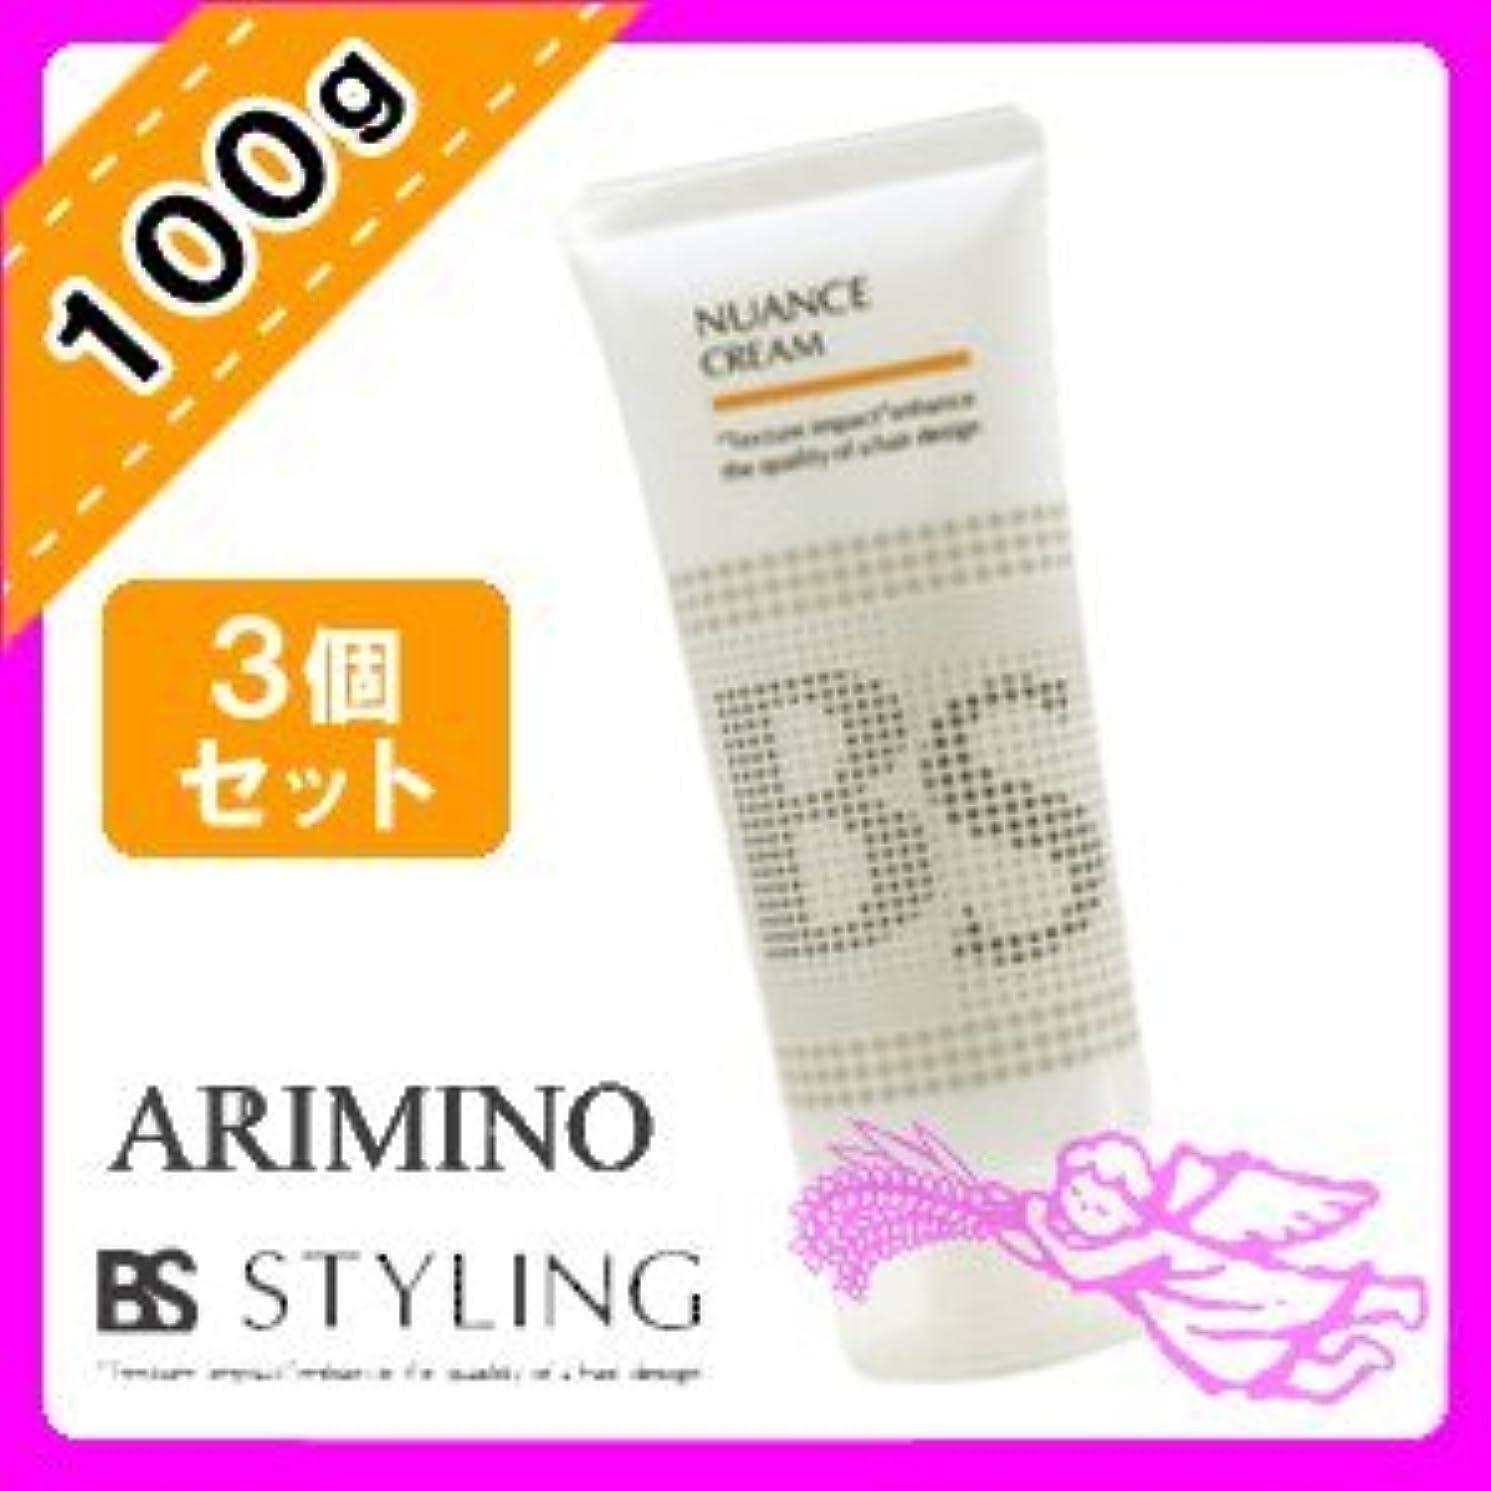 繰り返す先でもアリミノ BSスタイリング ニュアンス クリーム 100g x 3個 セット arimino BS STYLING